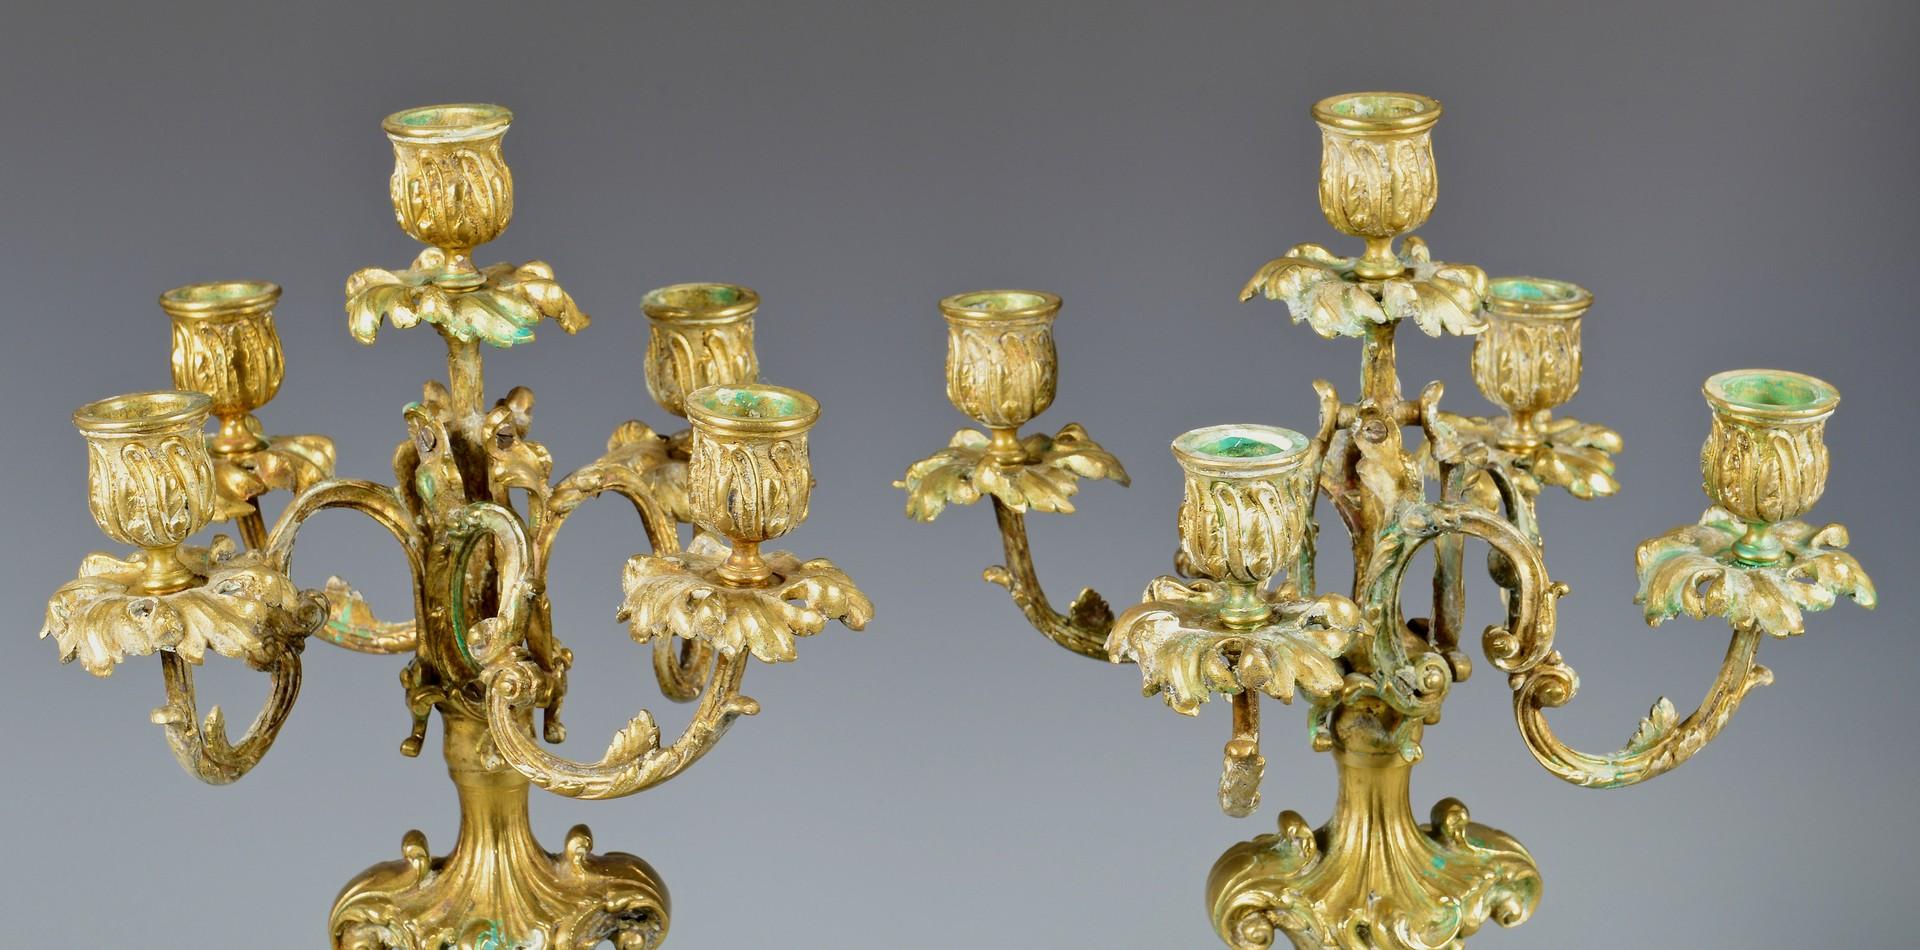 Brass Candlesticks lot 317: bronze candelabra & brass candlesticks